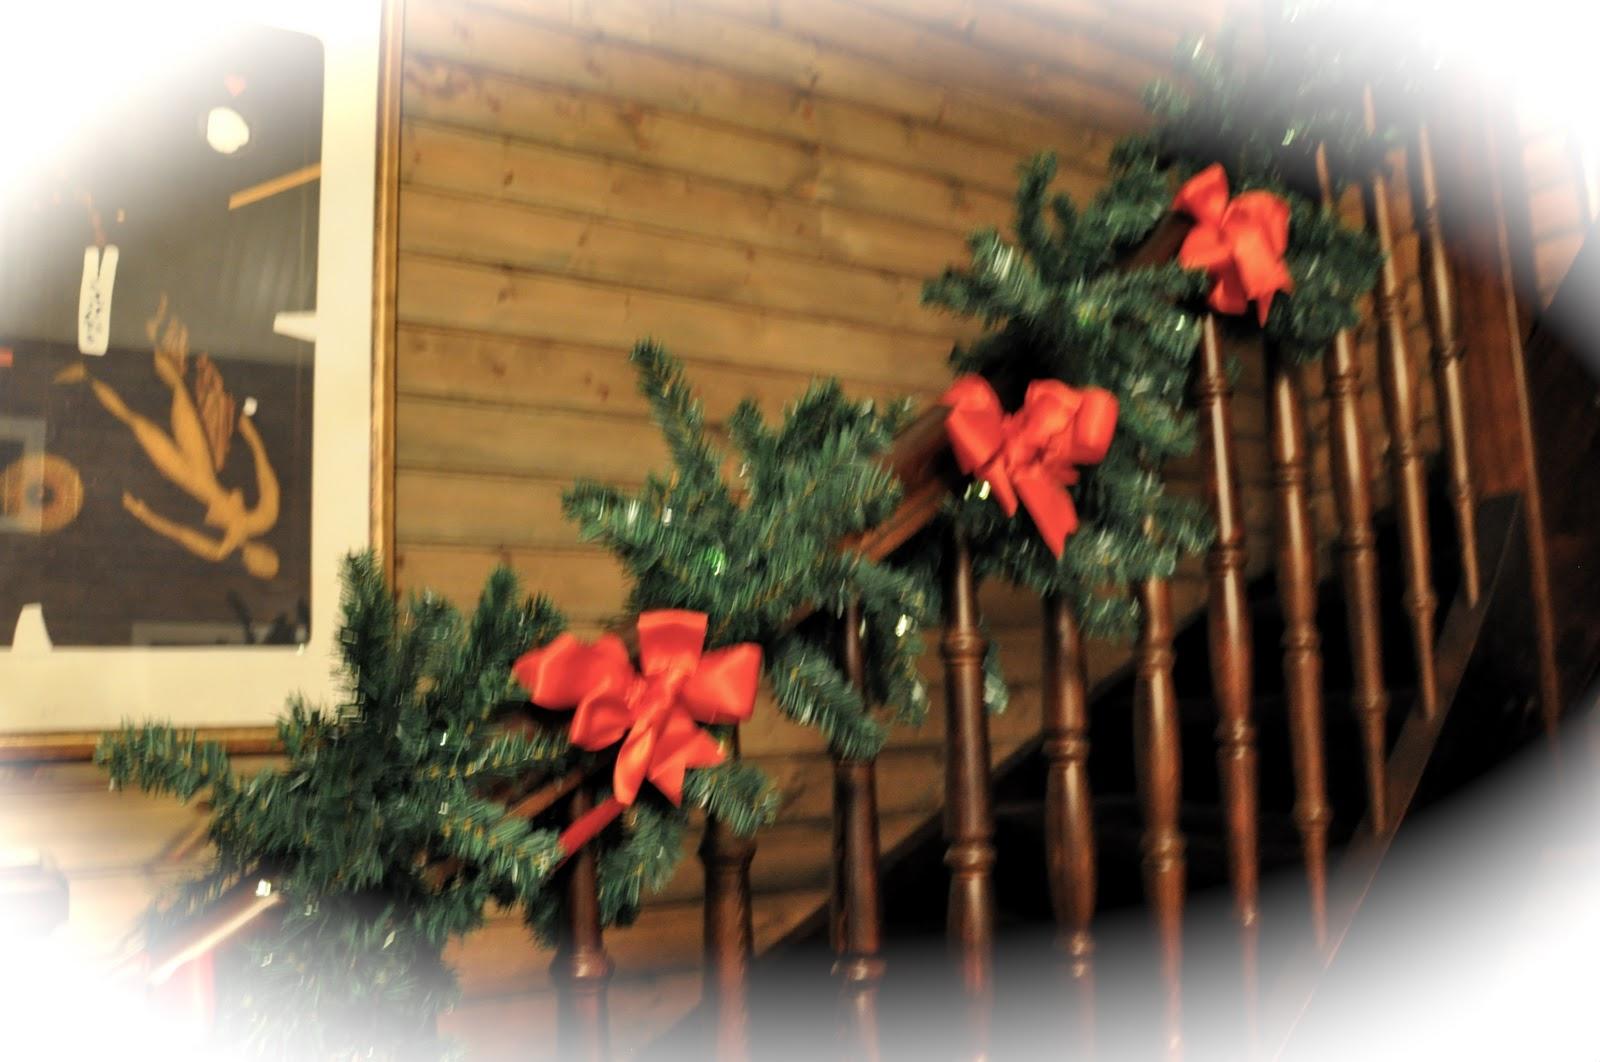 Huset i skogen: julepynt iii, girlander i trappa